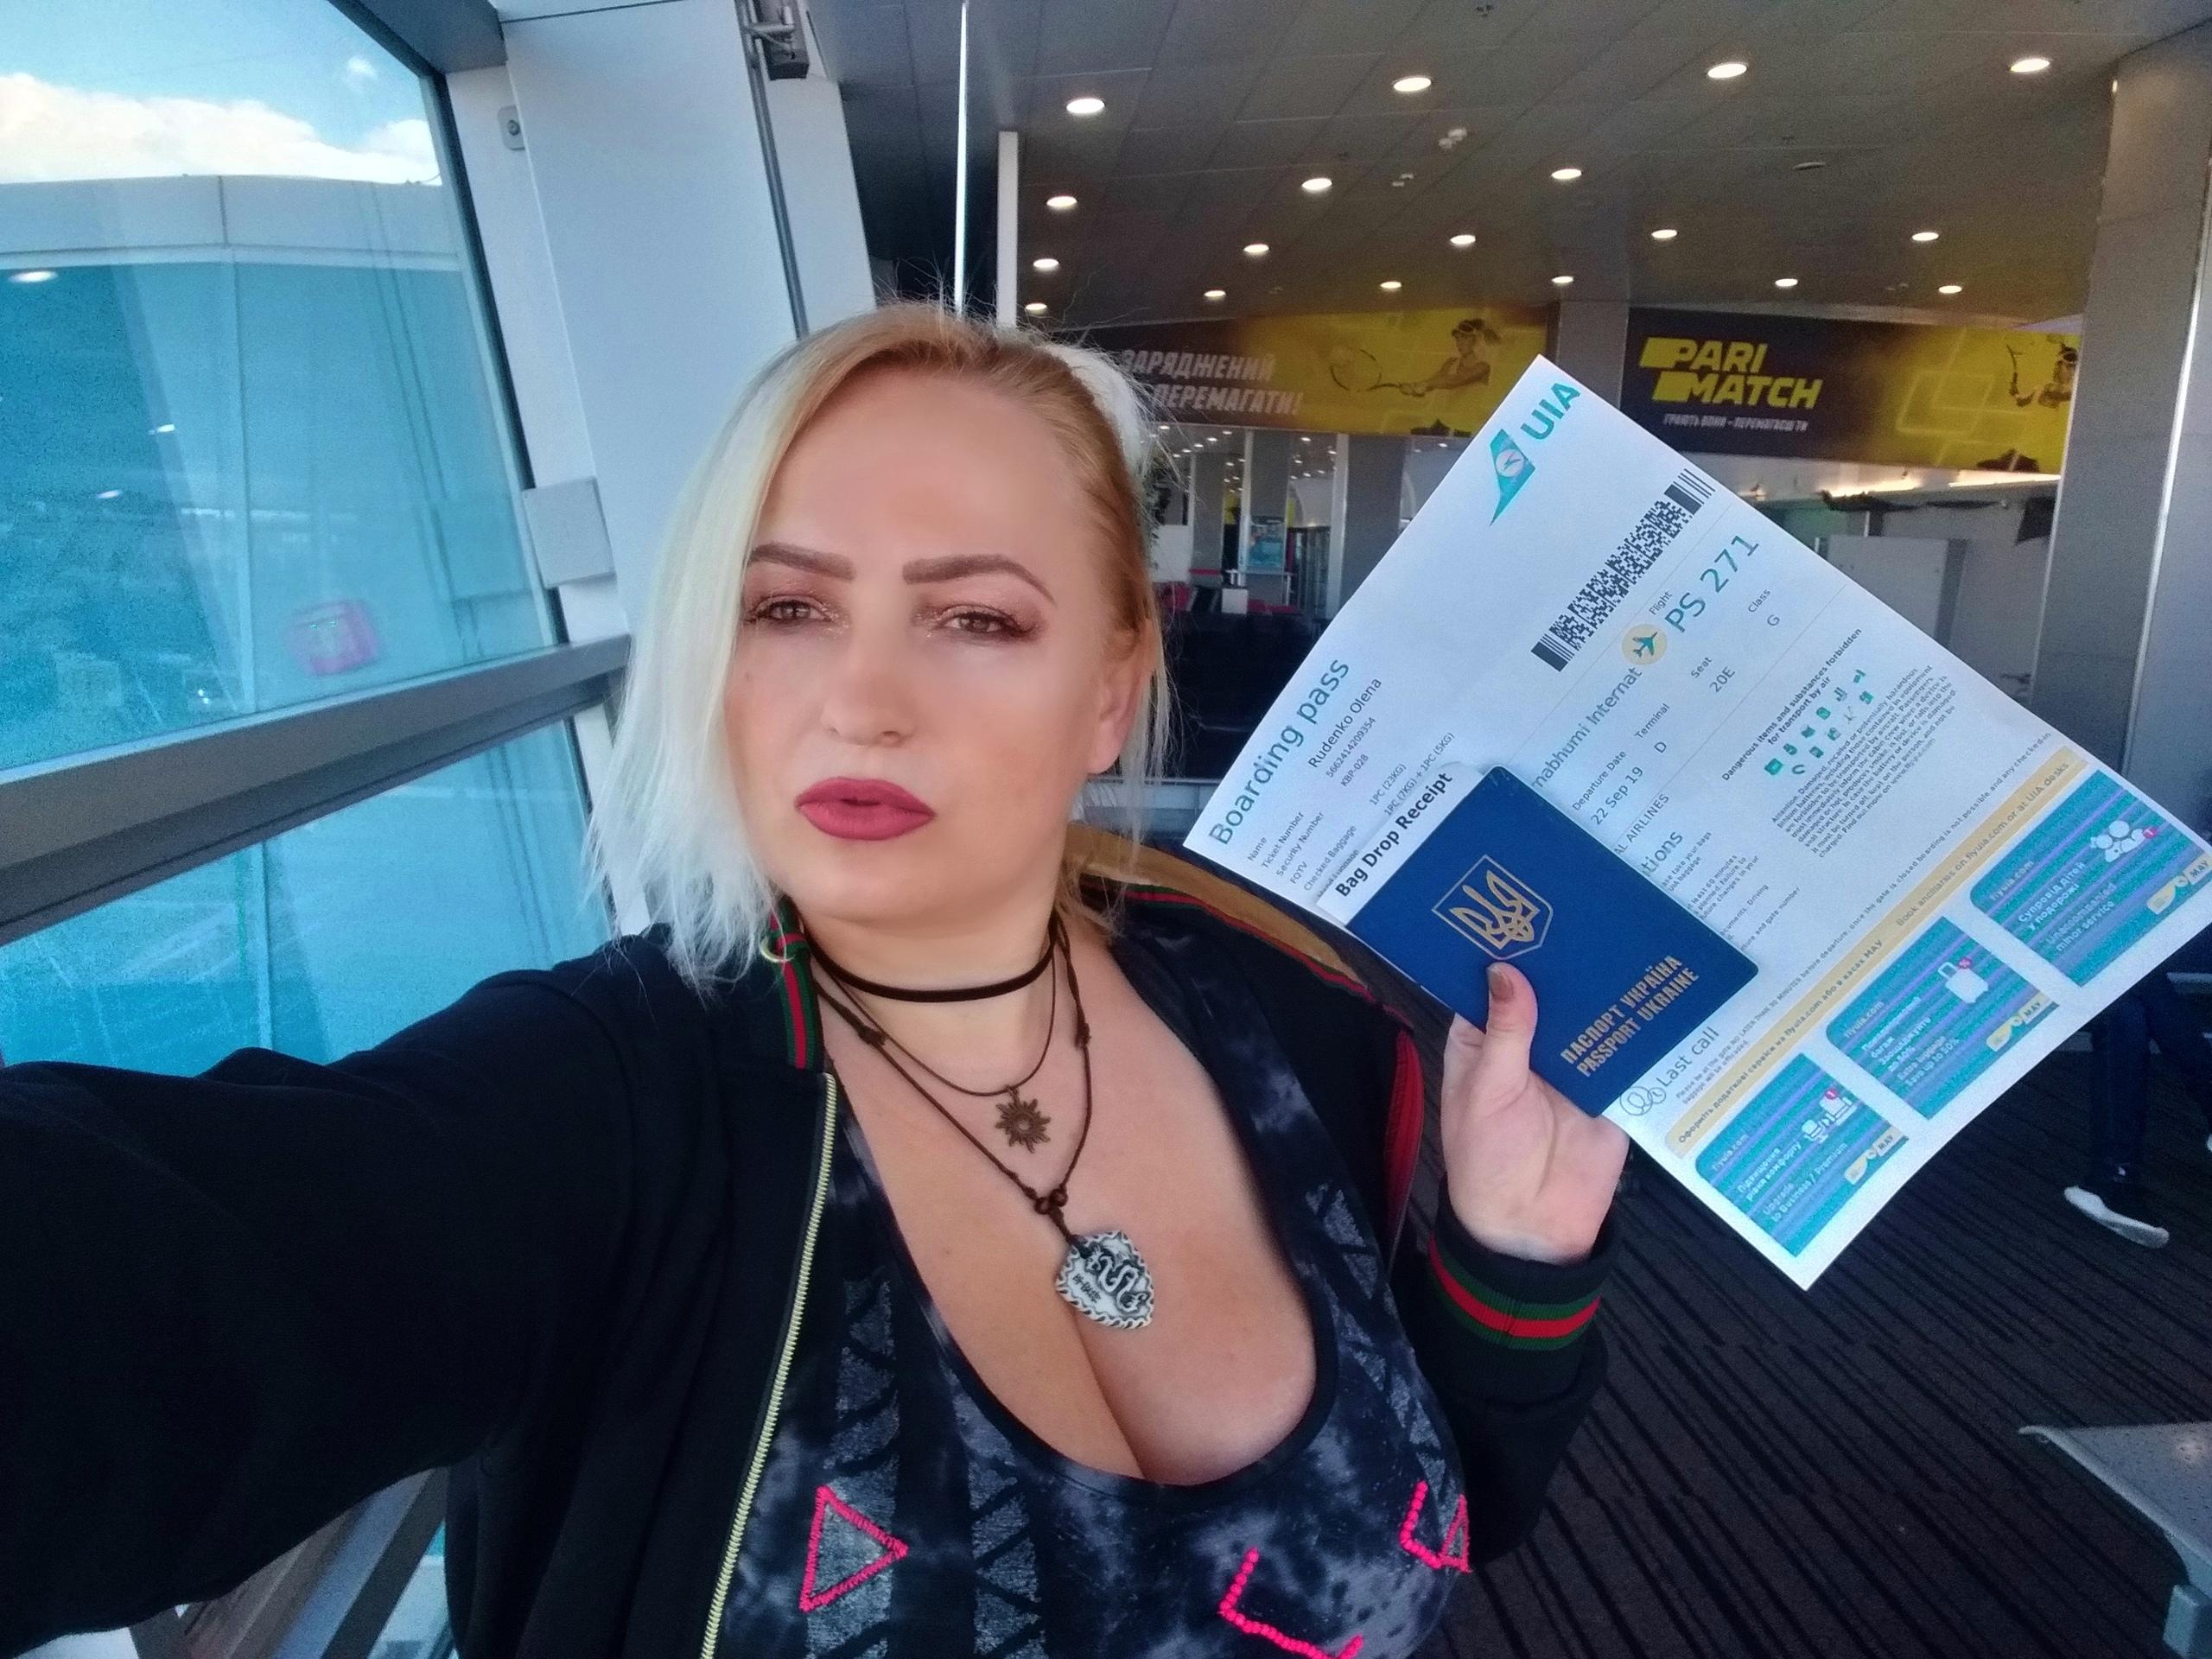 Елена Руденко (Валтея). Мои путешествия. Таиланд ( 2019 г. осень) ФОТО. QTkqY0F2UuU